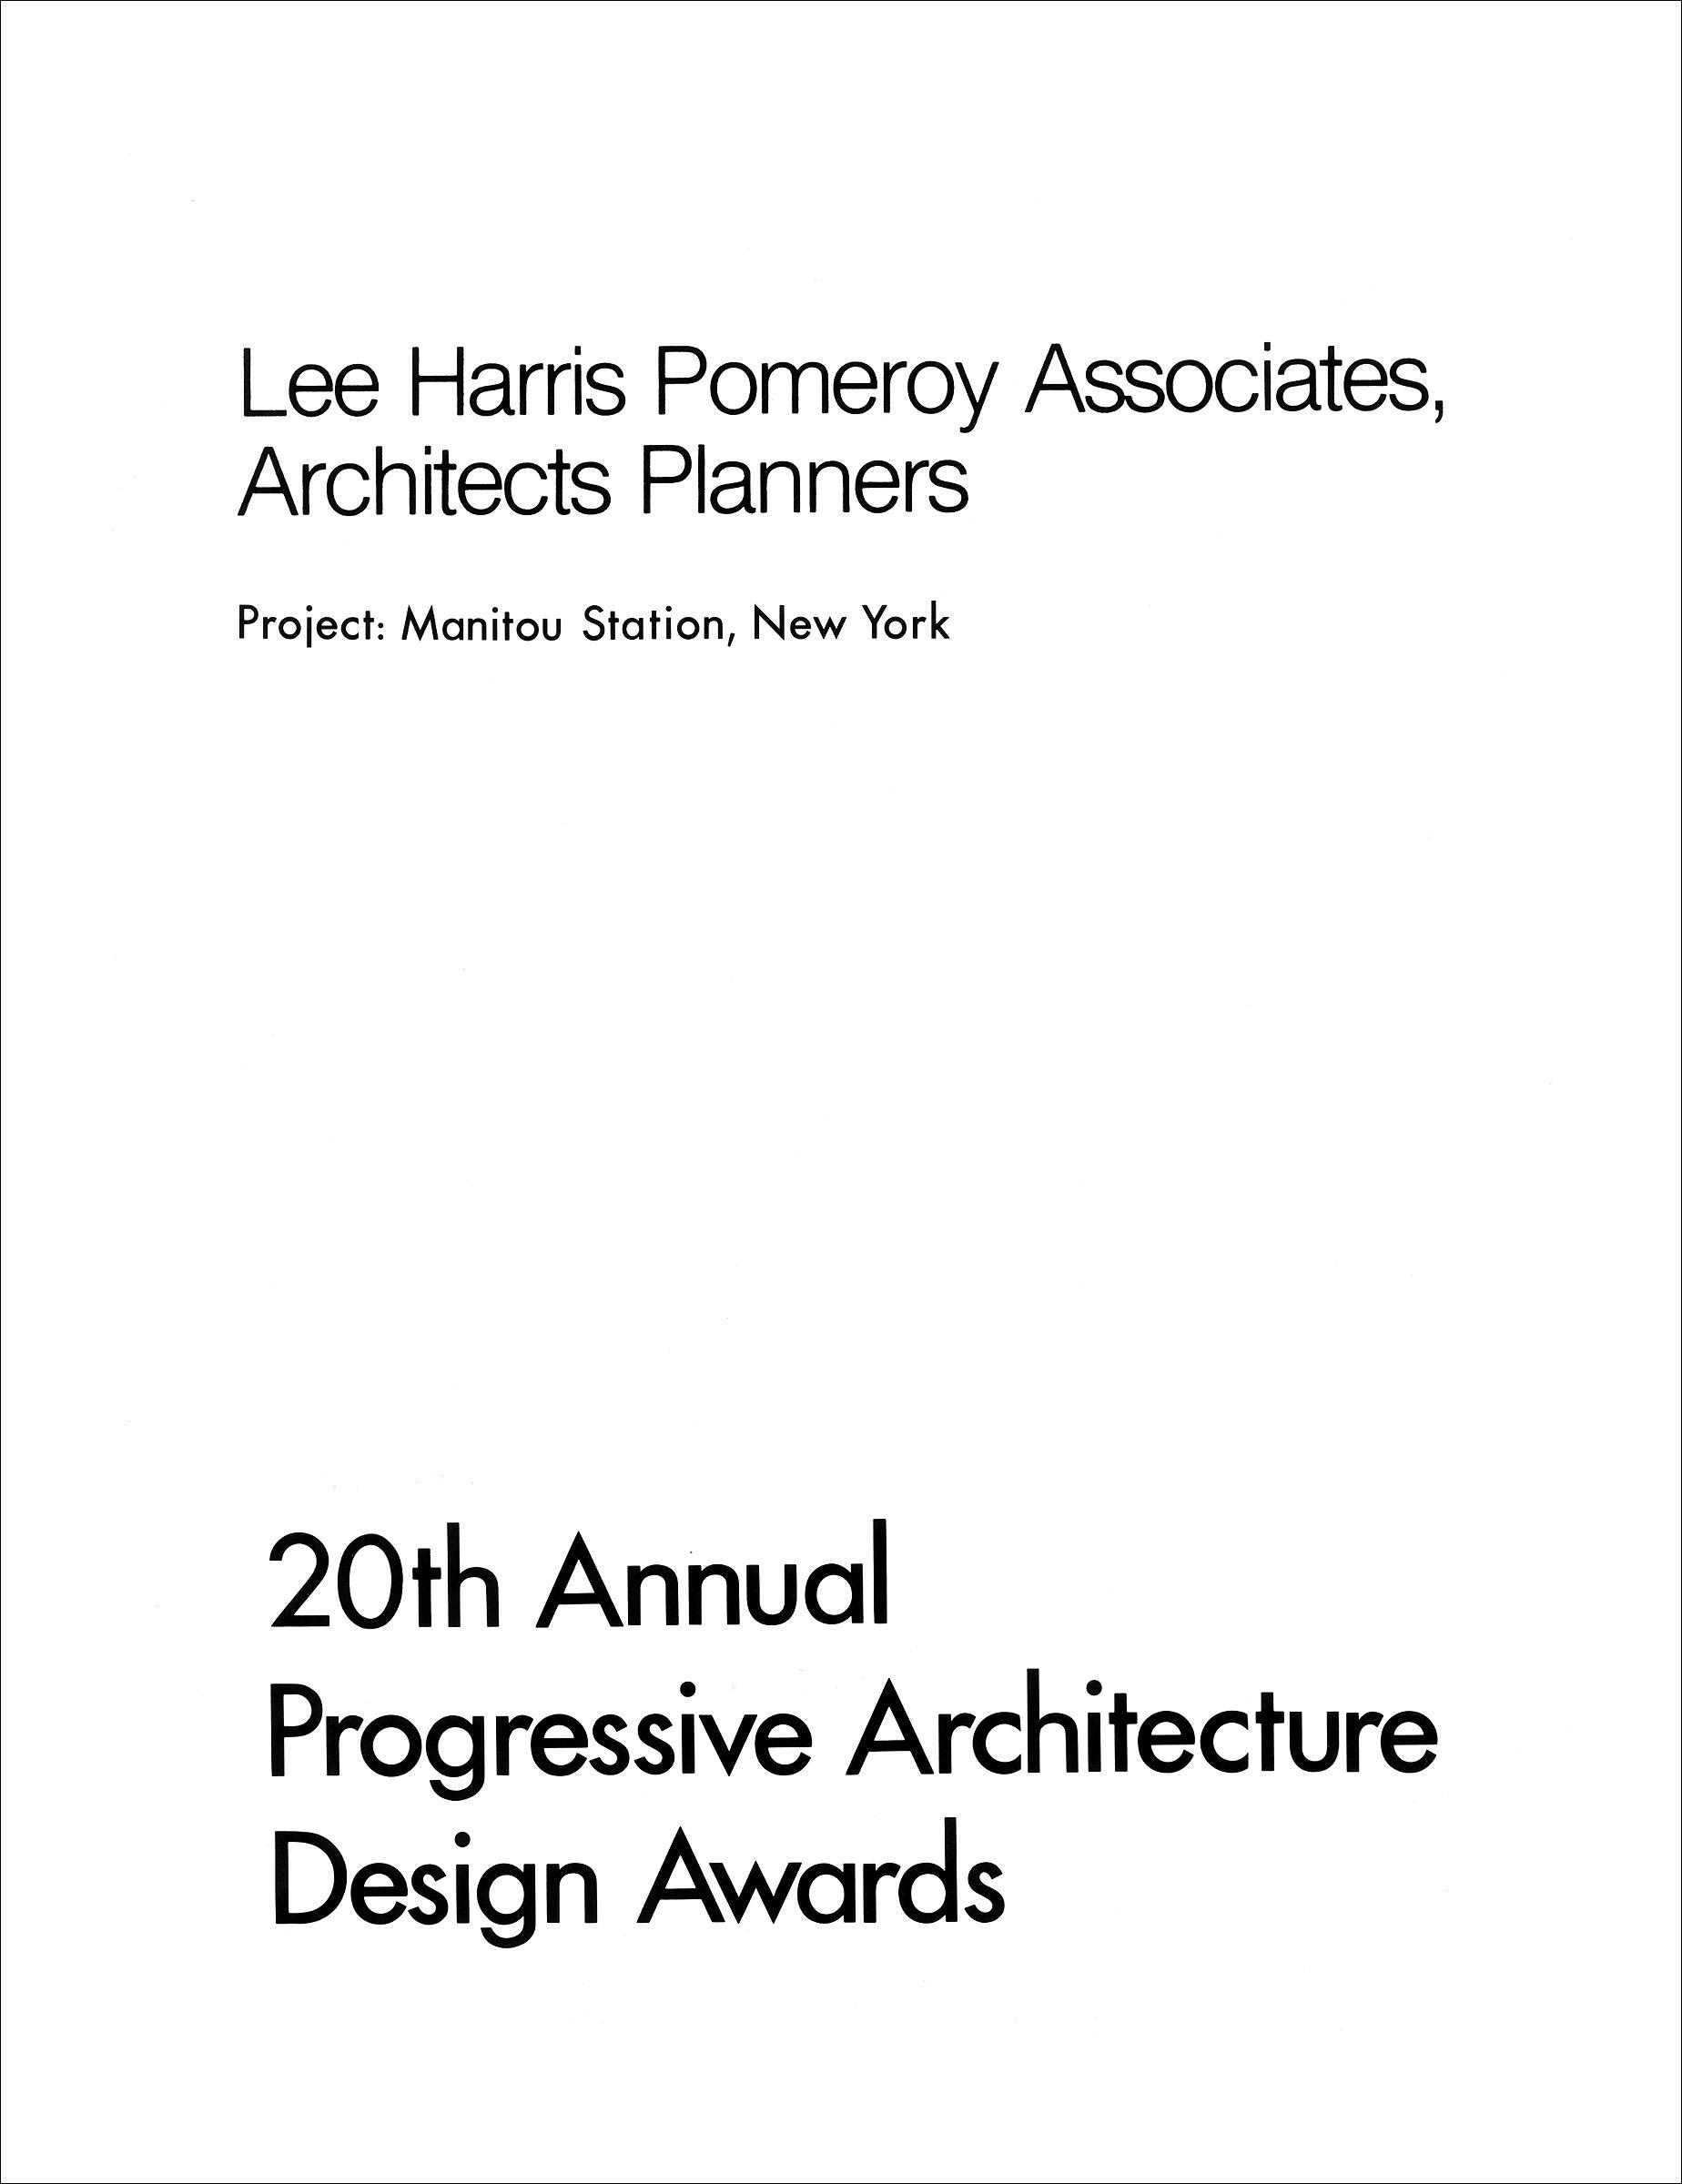 20th Annual Progressive Architecture Design Awards: Manitou Station